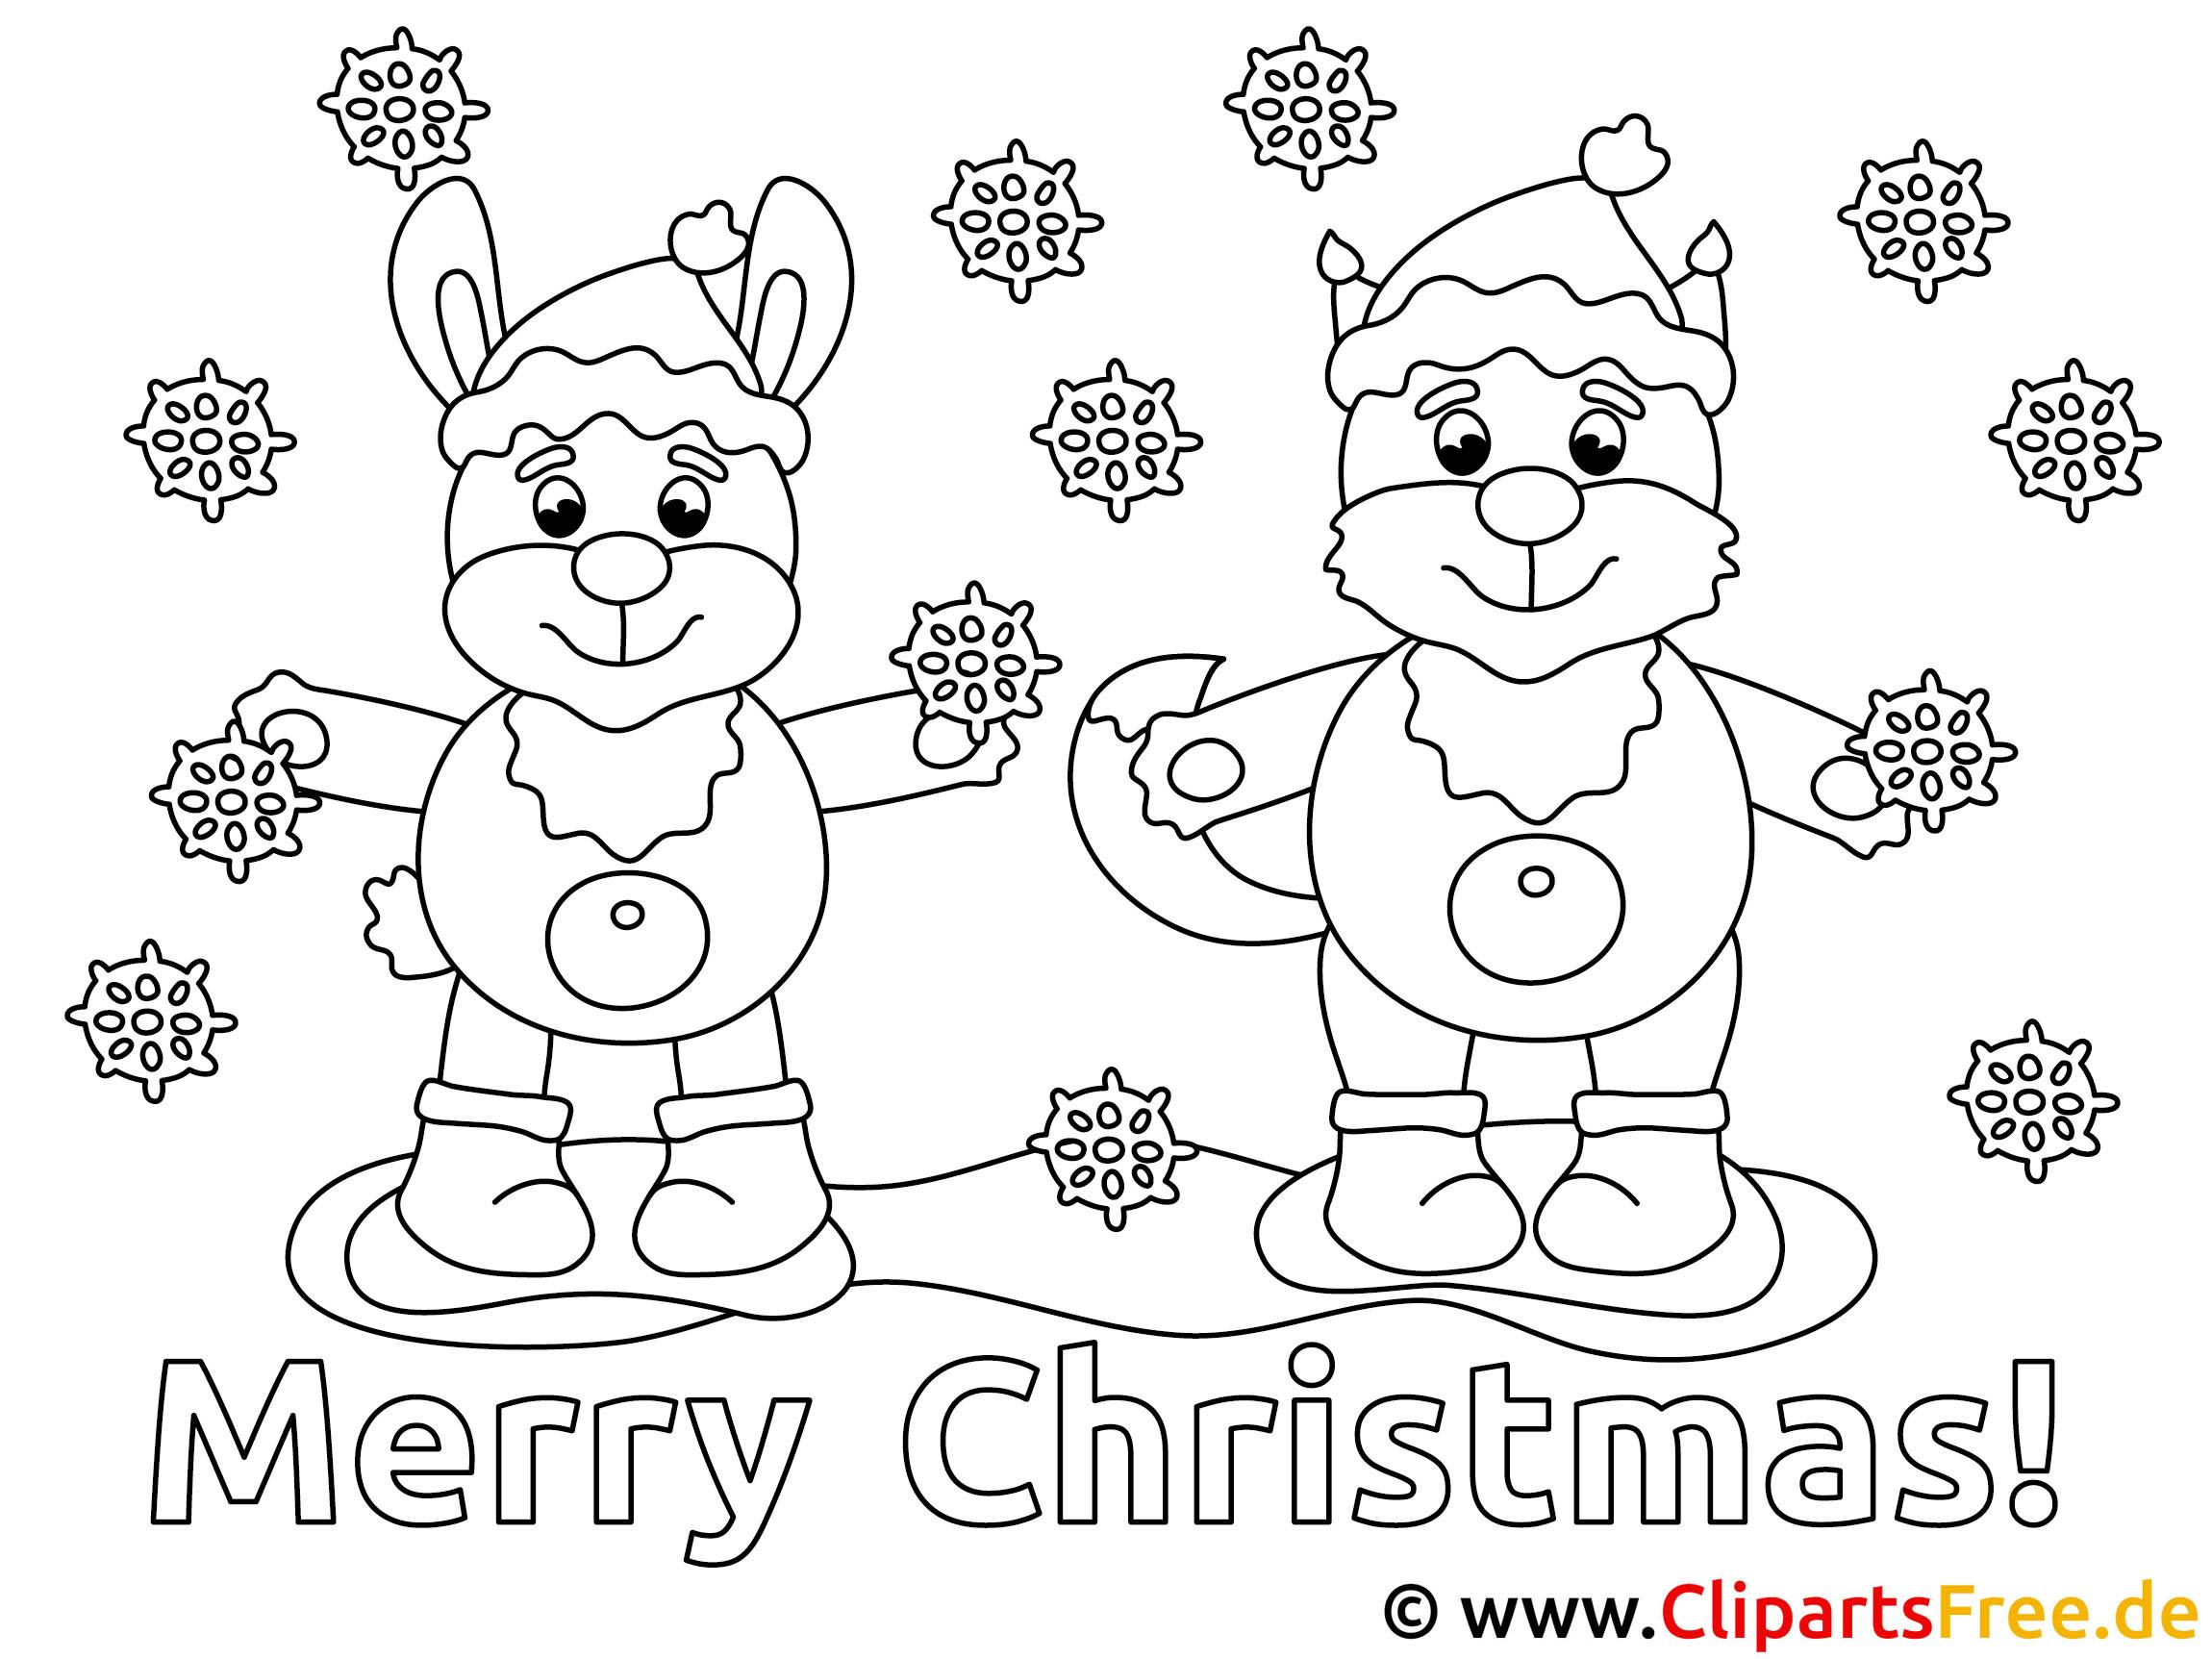 Malvorlagen weihnachten kostenlos ausdrucken for Xmas bilder kostenlos